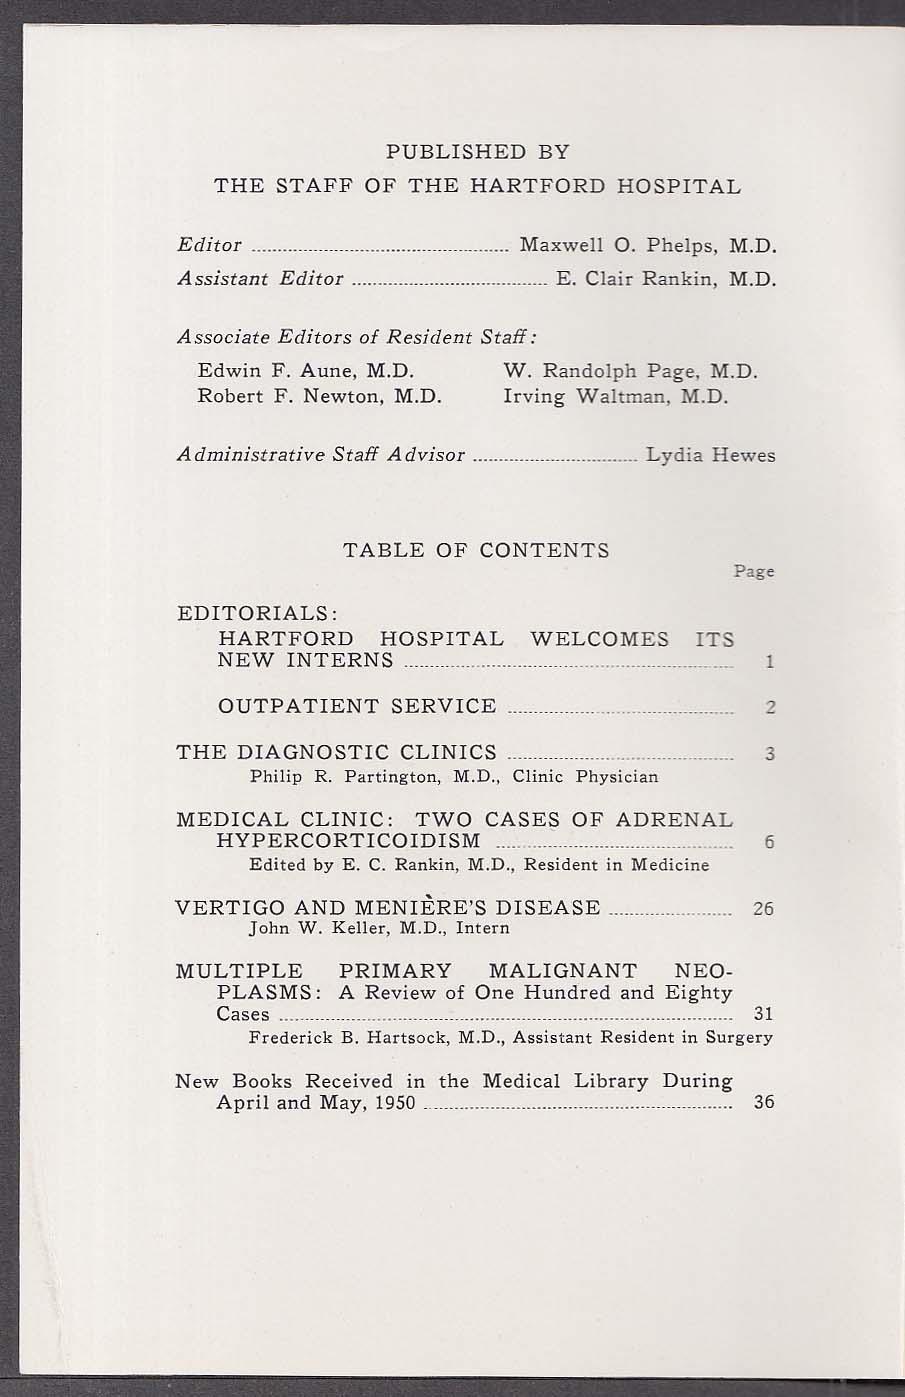 HARTFORD HOSPITAL BULLETIN Hypercorticoidism 6 1950